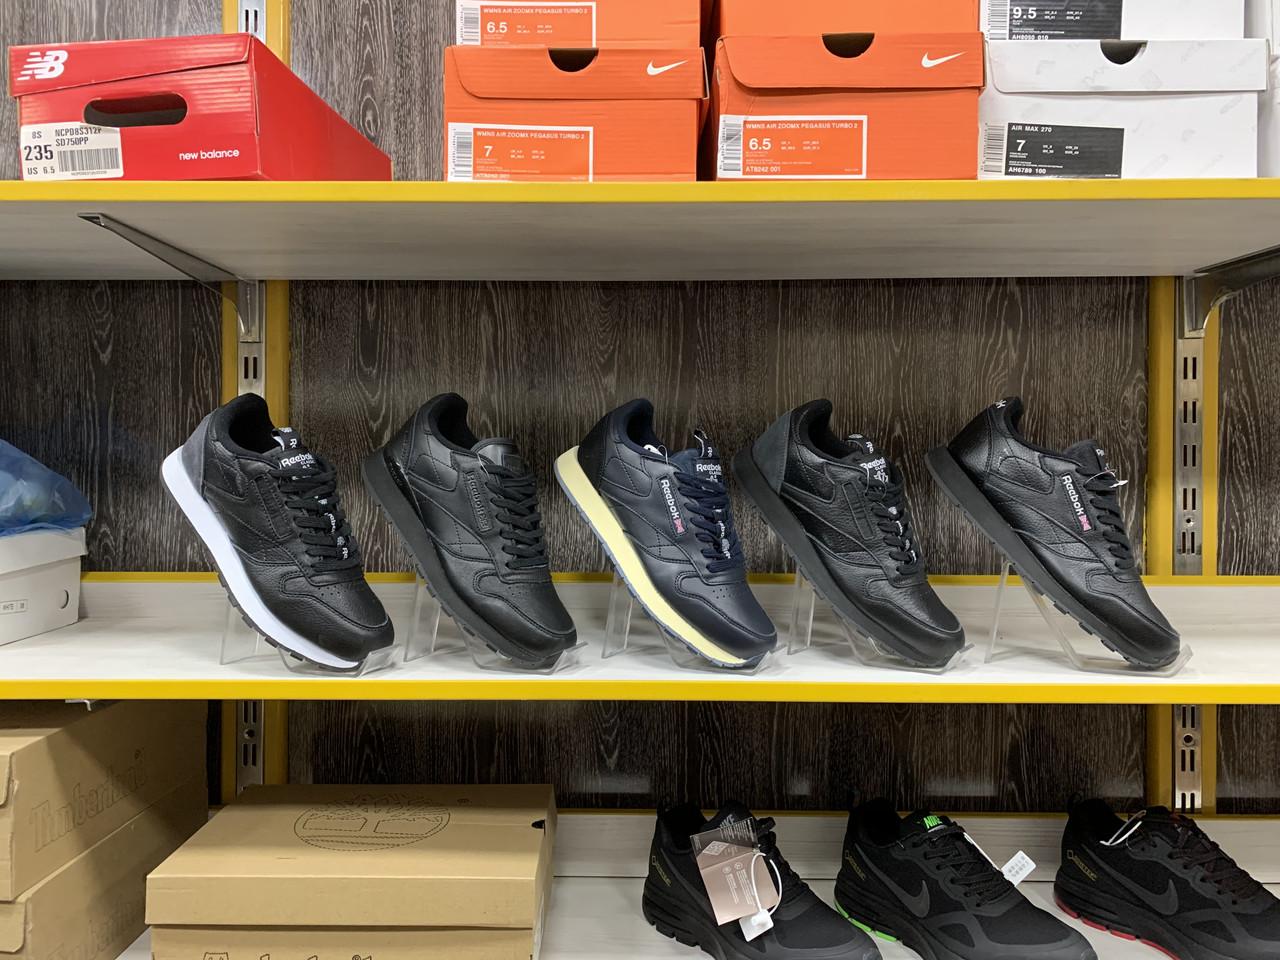 Кроссовки Reebok Classic Leather - фото 8